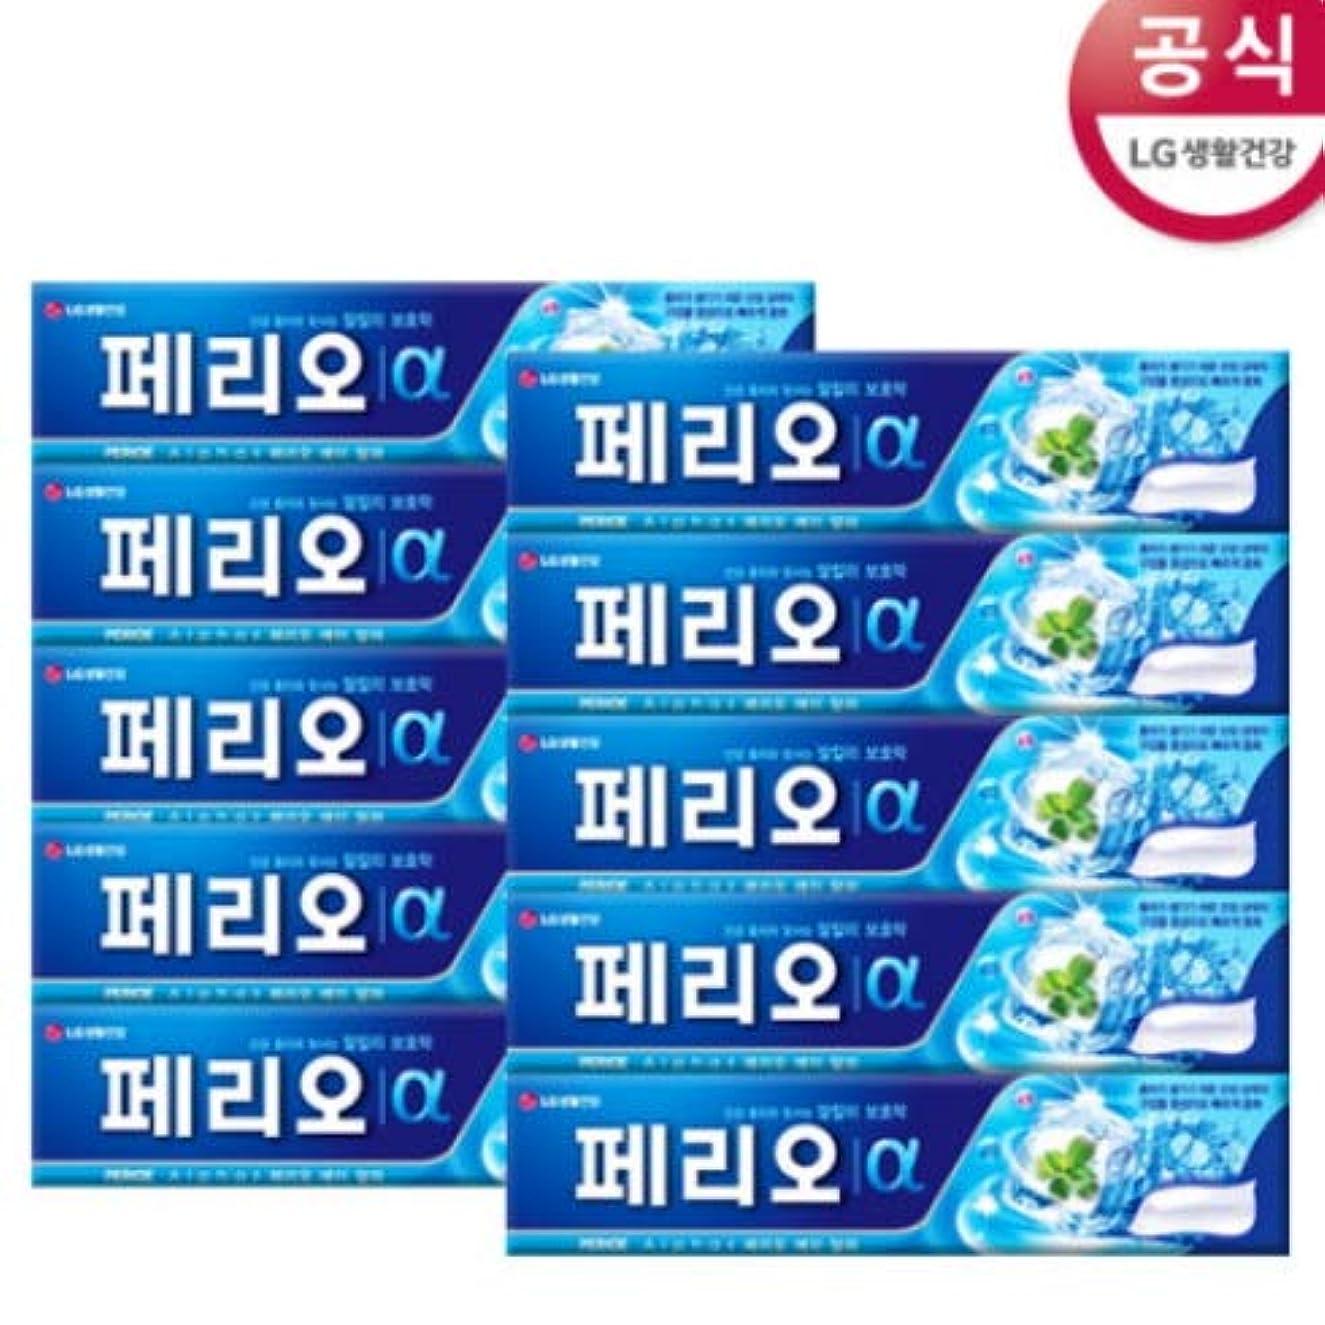 保守可能調整安息[LG HnB] Perio Alpha Toothpaste/ペリオアルファ歯磨き粉 170gx10個(海外直送品)